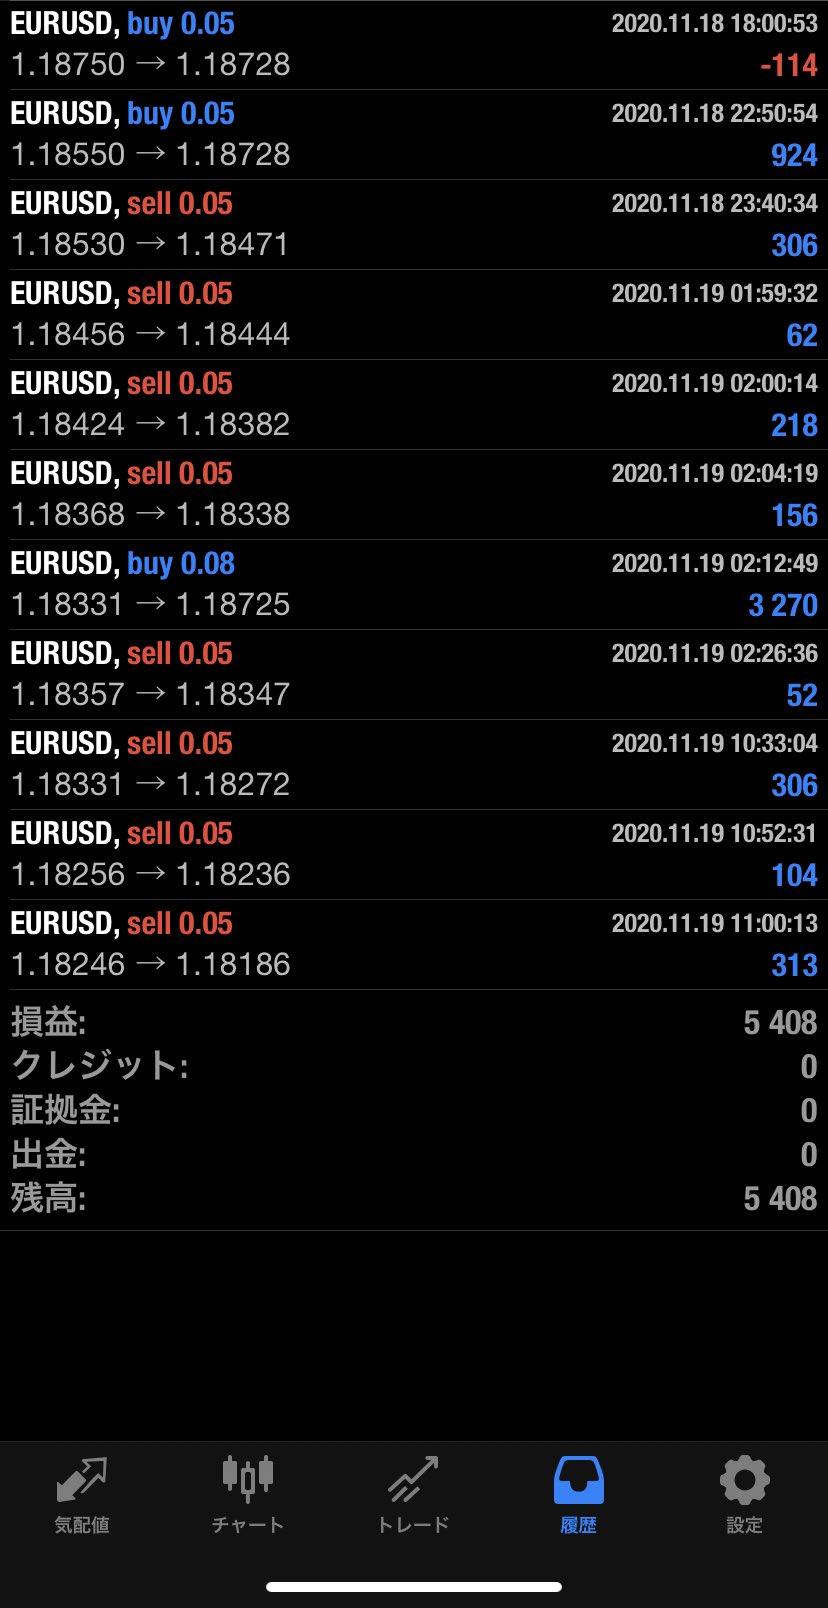 2020年11月19日 EUR/USDバージョン5,408円